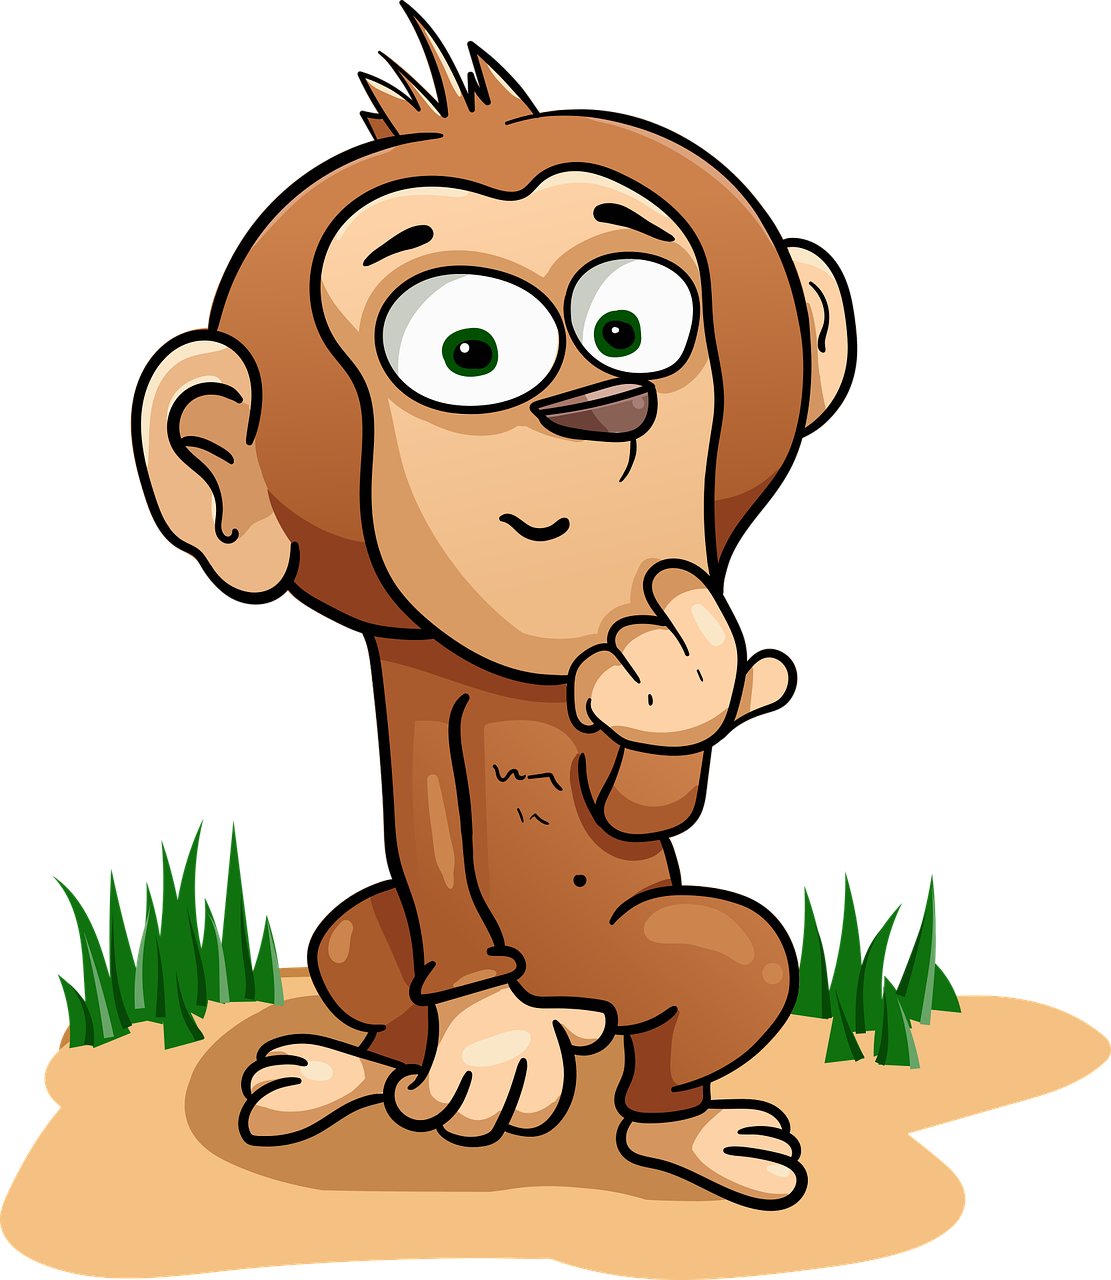 Monyet Simpanse Keunggulan Gambar Vektor Gratis Di Pixabay